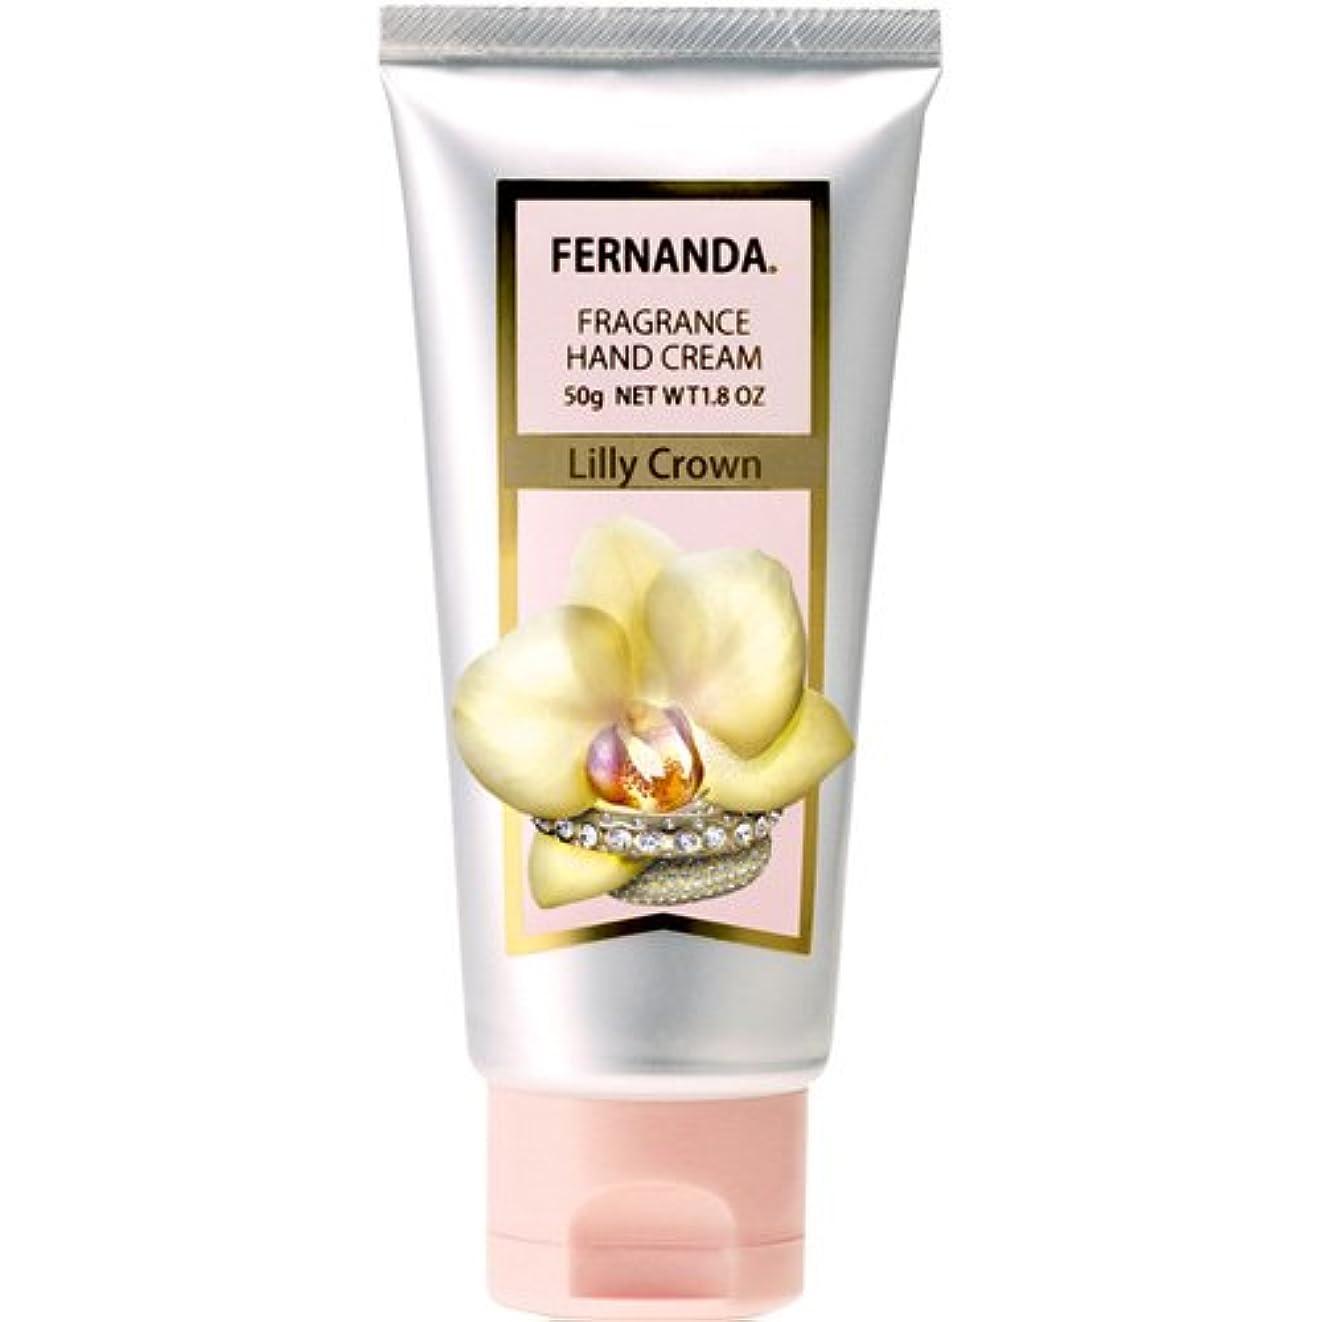 君主貢献する信頼性FERNANDA(フェルナンダ) Hand Cream Lilly Crown (ハンドクリーム リリークラウン)